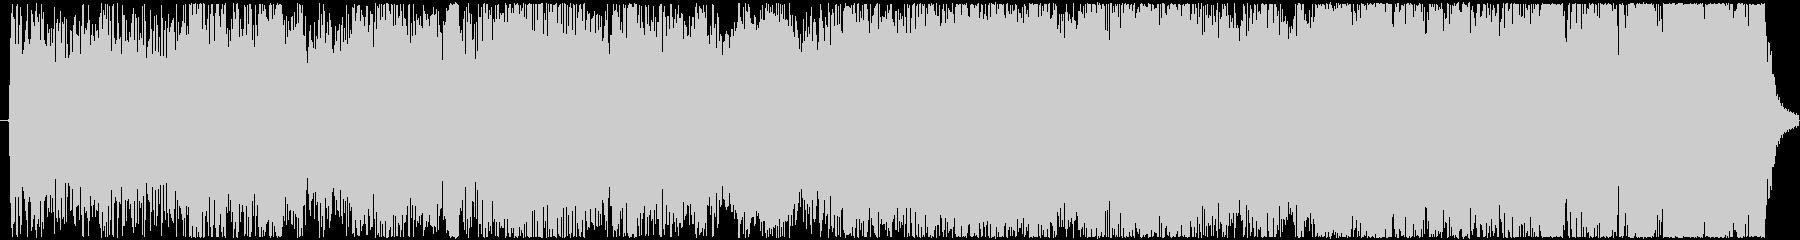 【ロボット/起動音/エネルギーチャージ】の未再生の波形